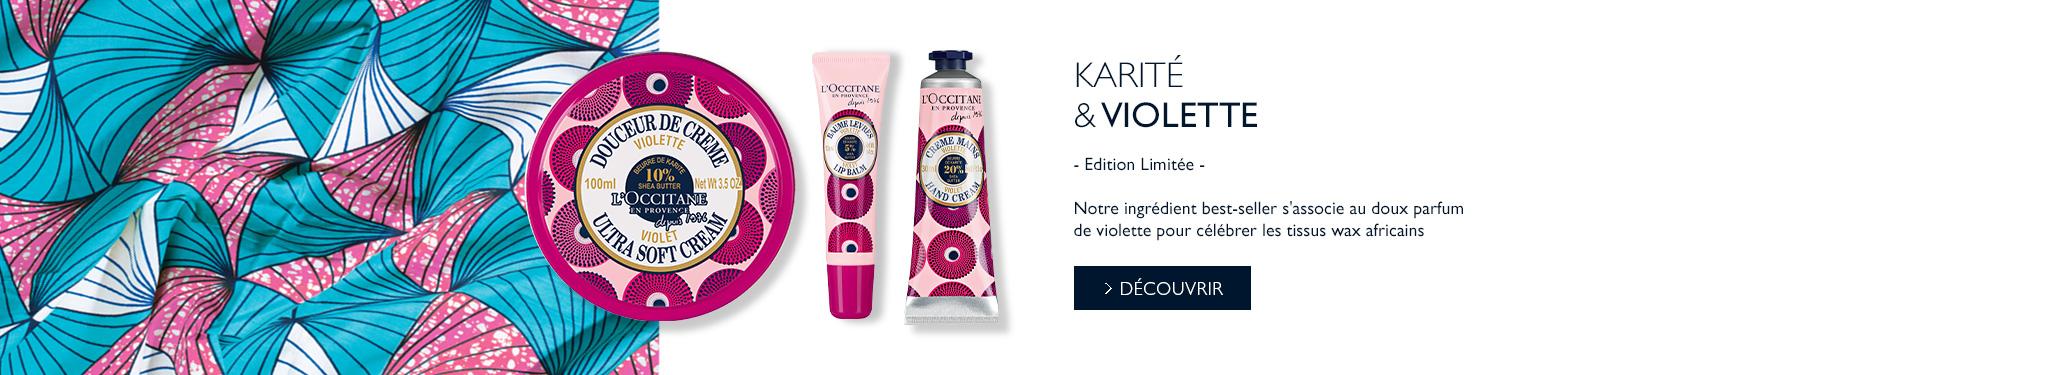 Karité Edition Limitée| L'Occitane